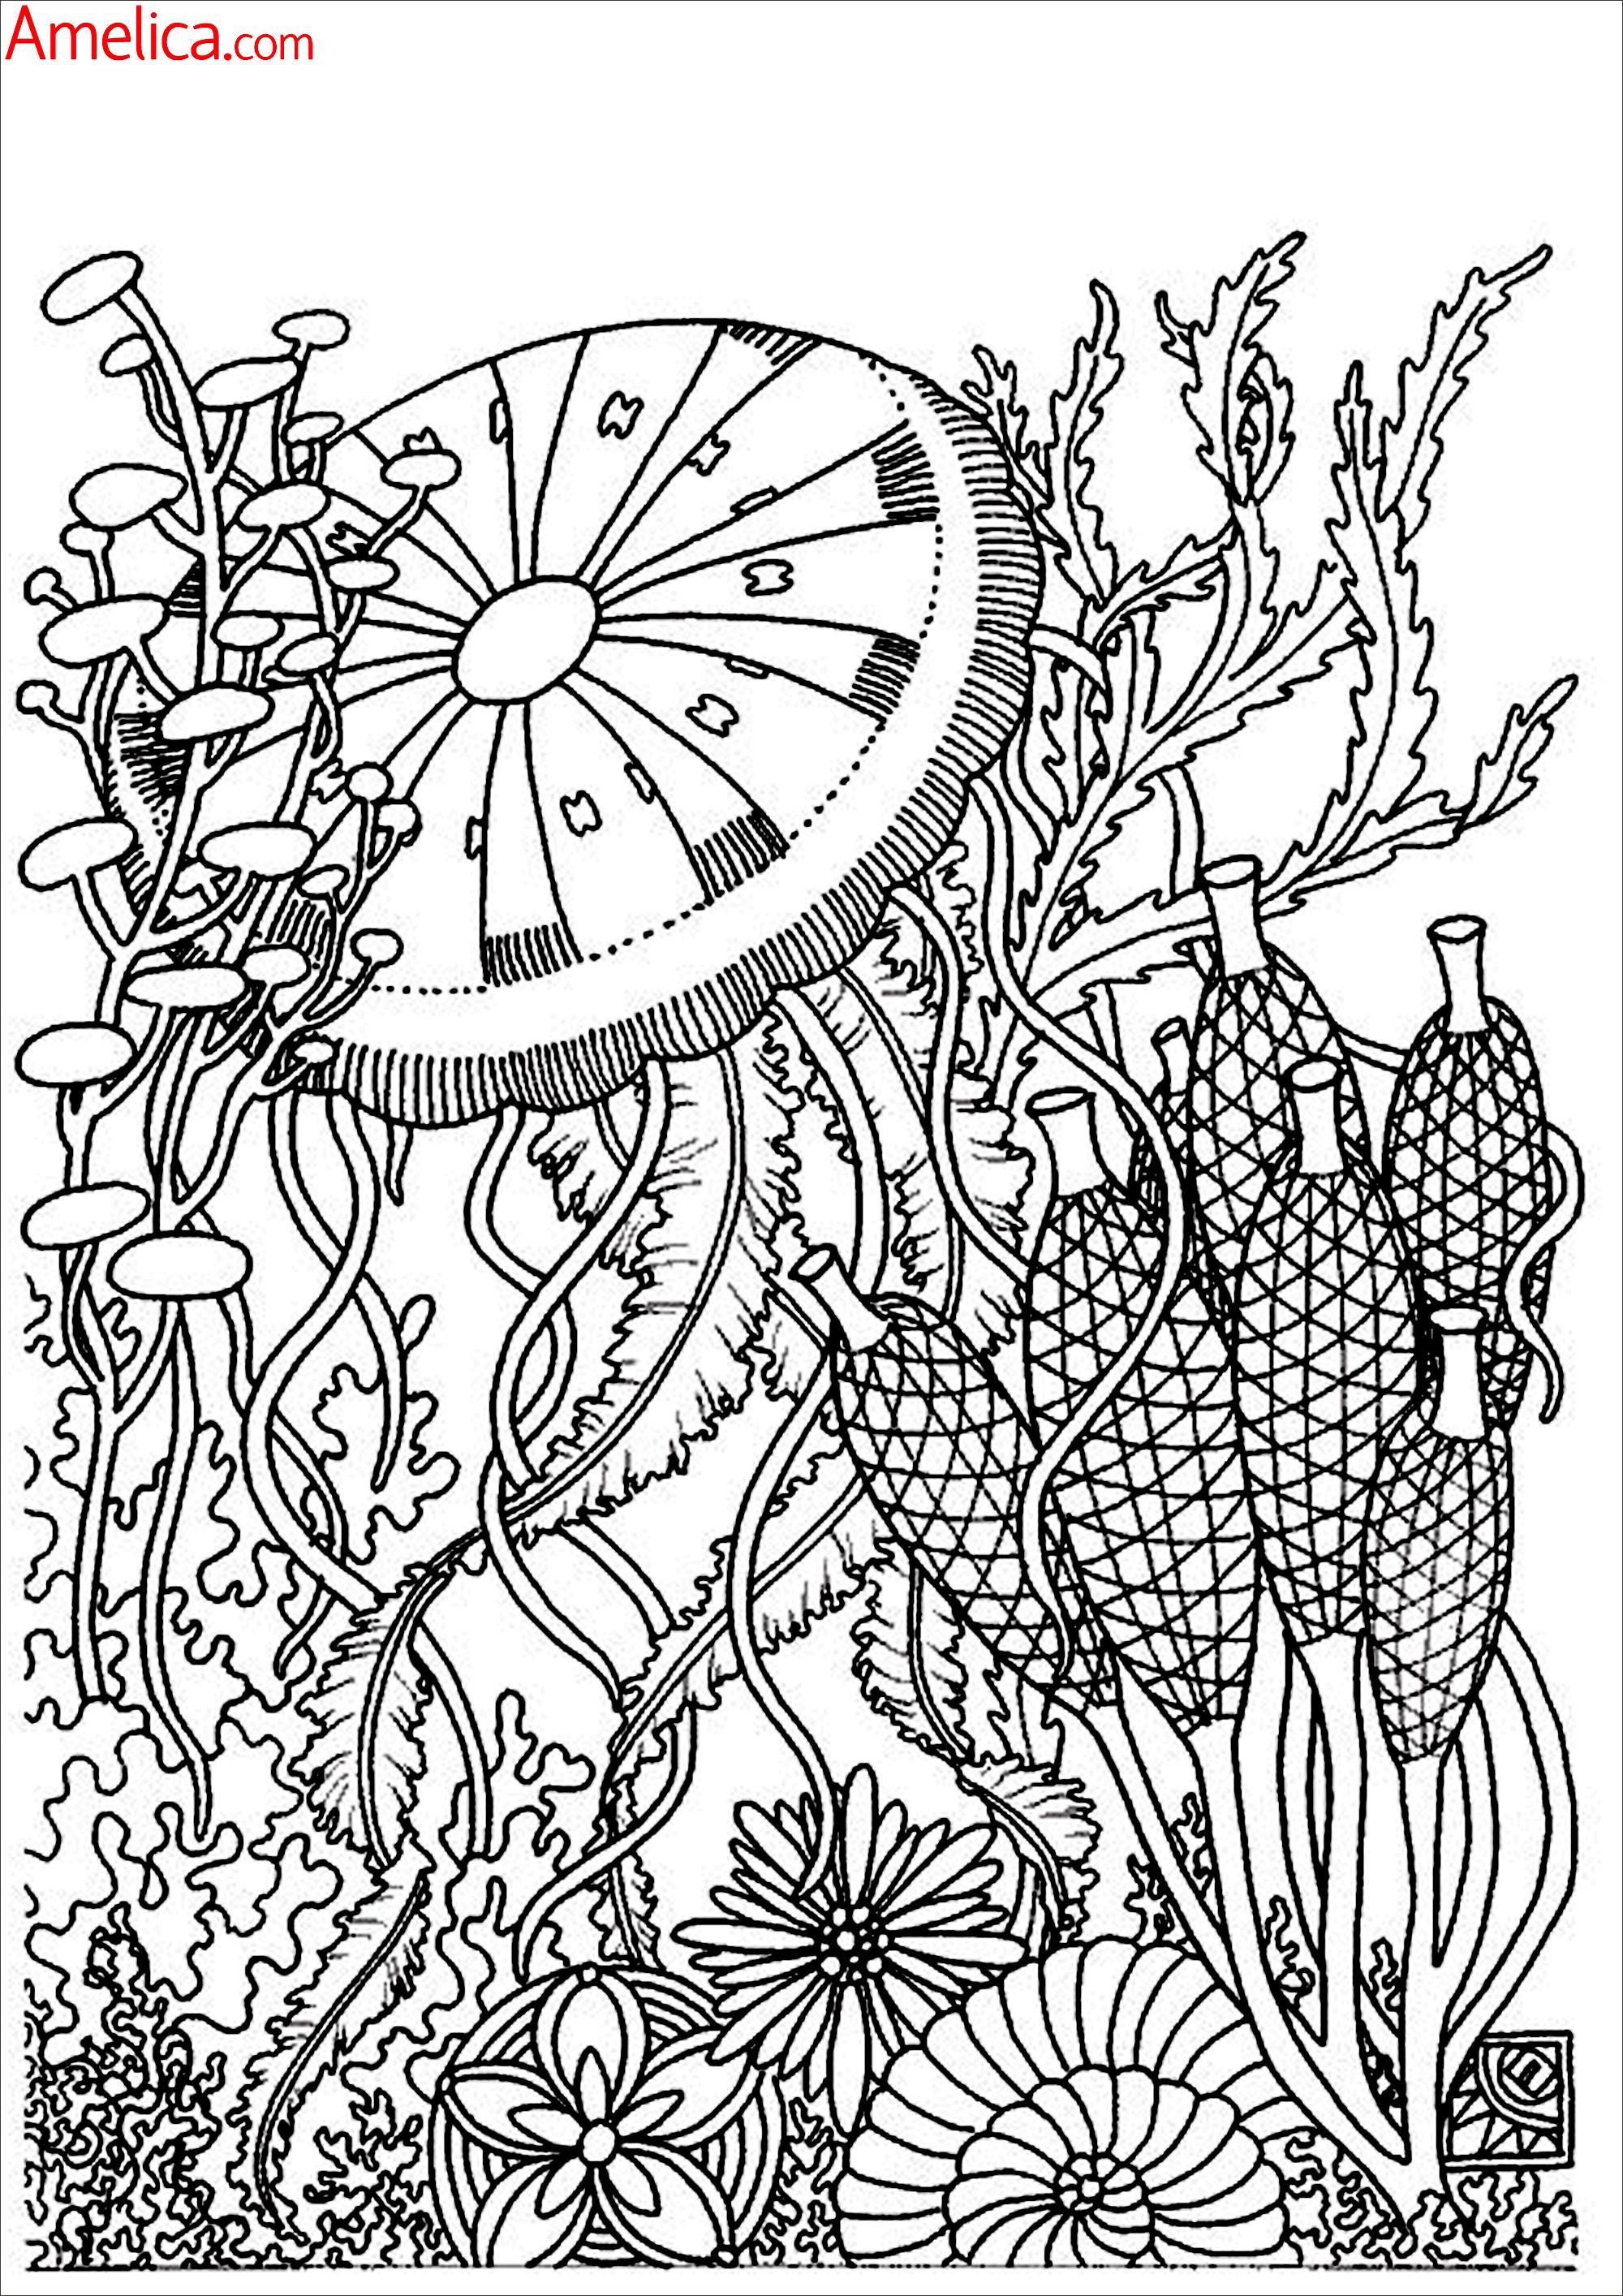 ... раскрашивания цветы, узоры: https://amelica.com/раскраски-взрослым...